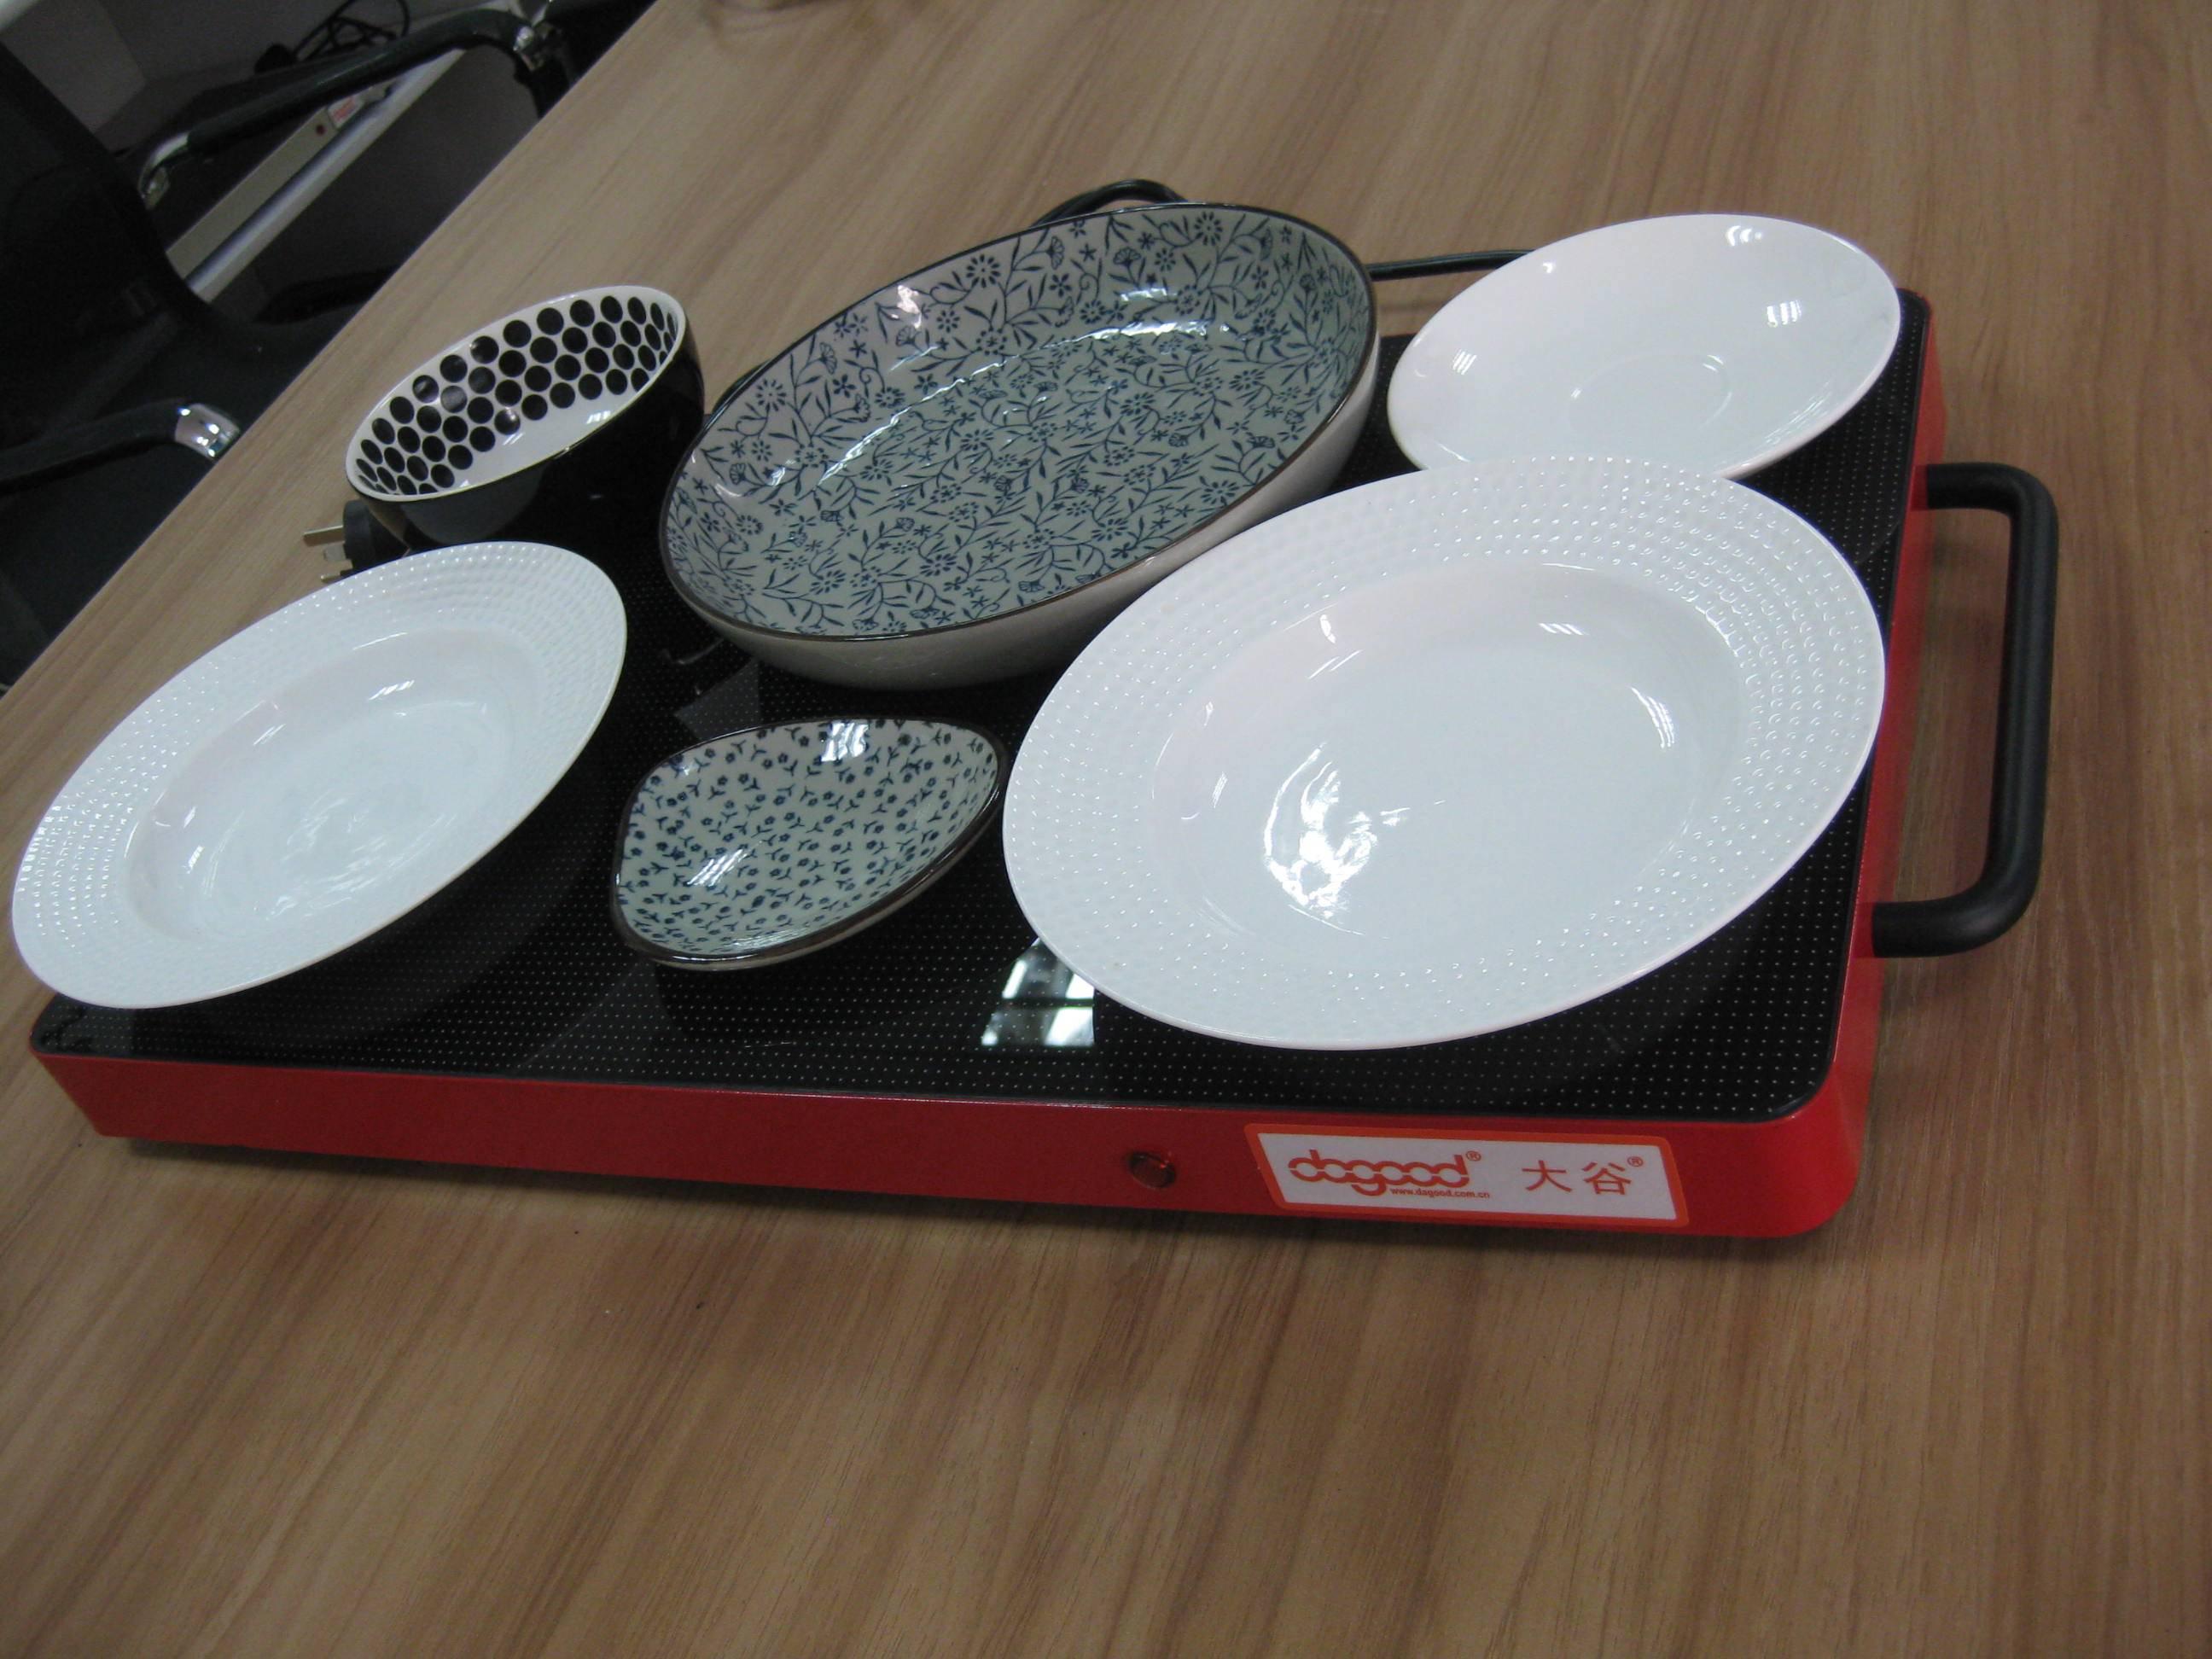 Warming tray keep food warm JG-KW01C